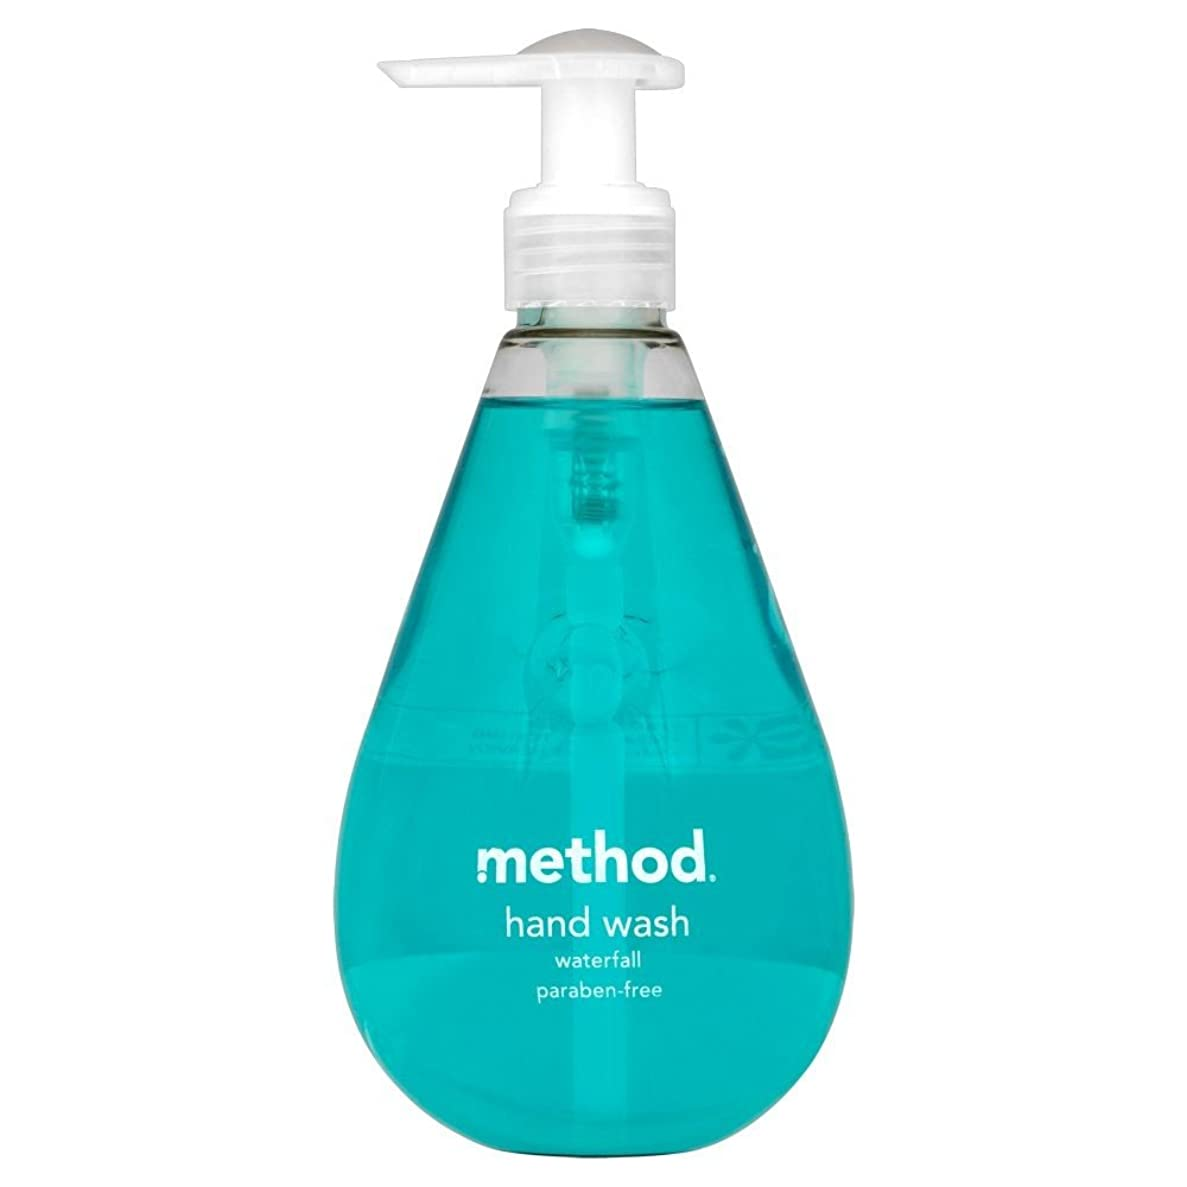 称賛病気だと思う故障Method Hand Wash Waterfall (354ml) メソッドのハンドウォッシュ滝( 354ミリリットル) [並行輸入品]